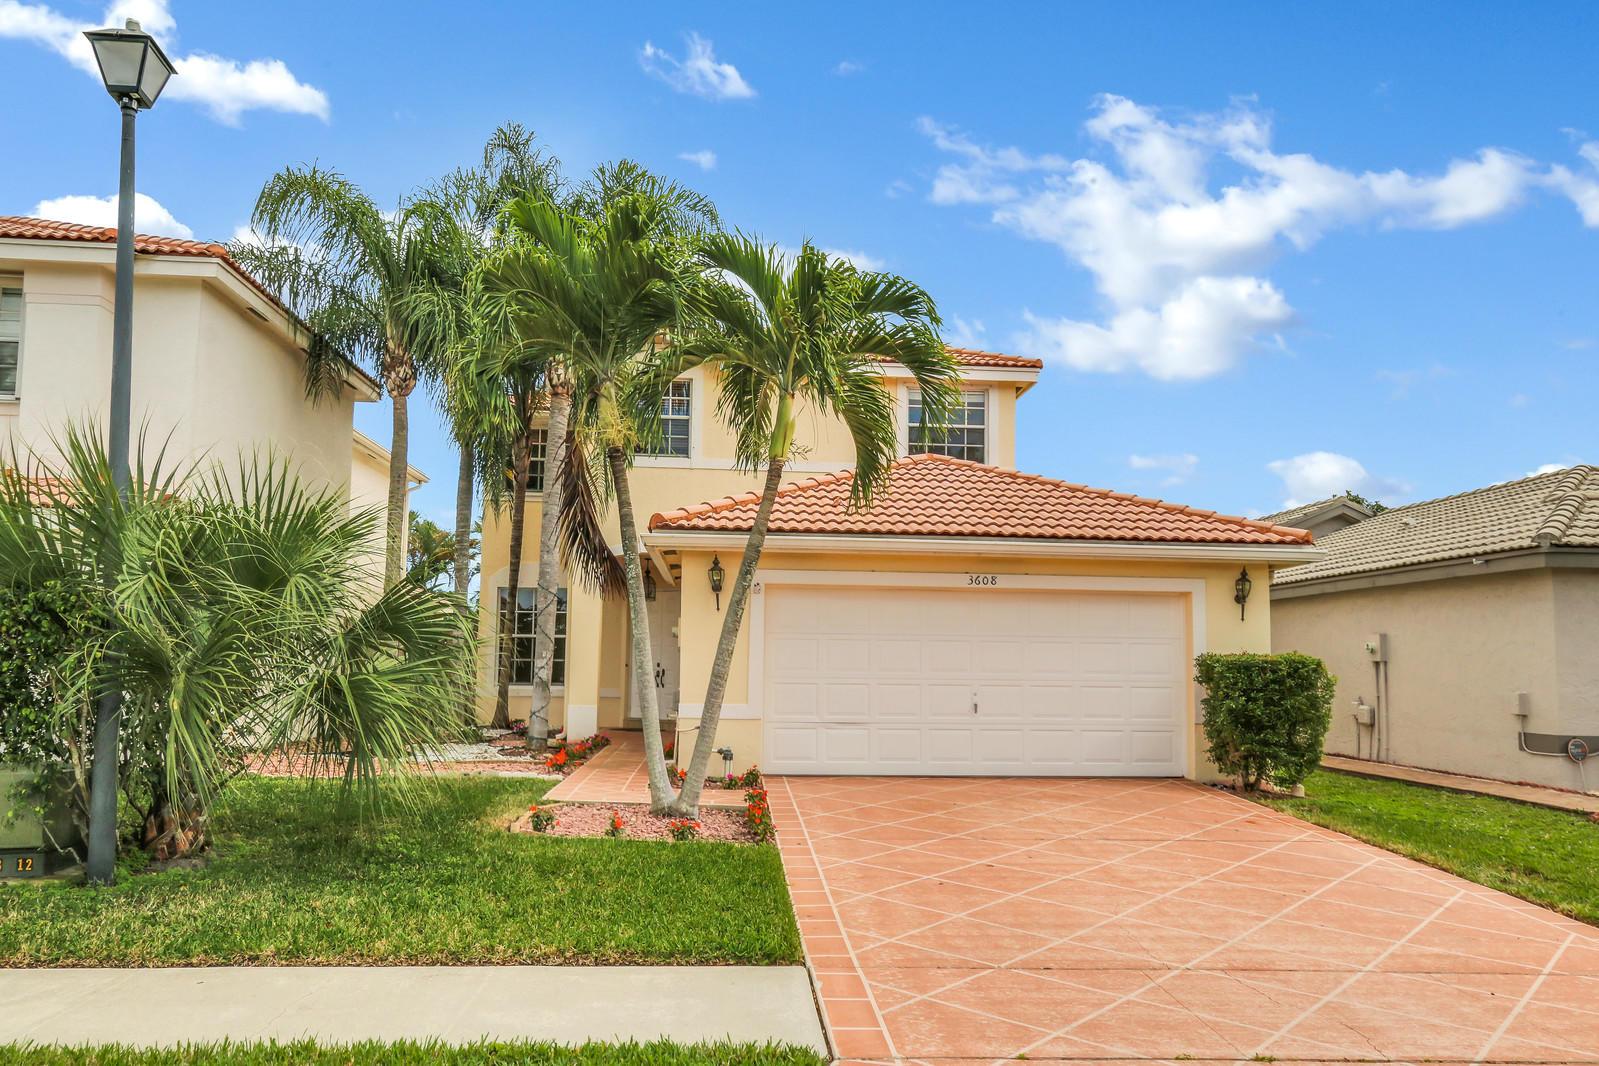 3608 Chesapeake Circle Boynton Beach, FL 33436